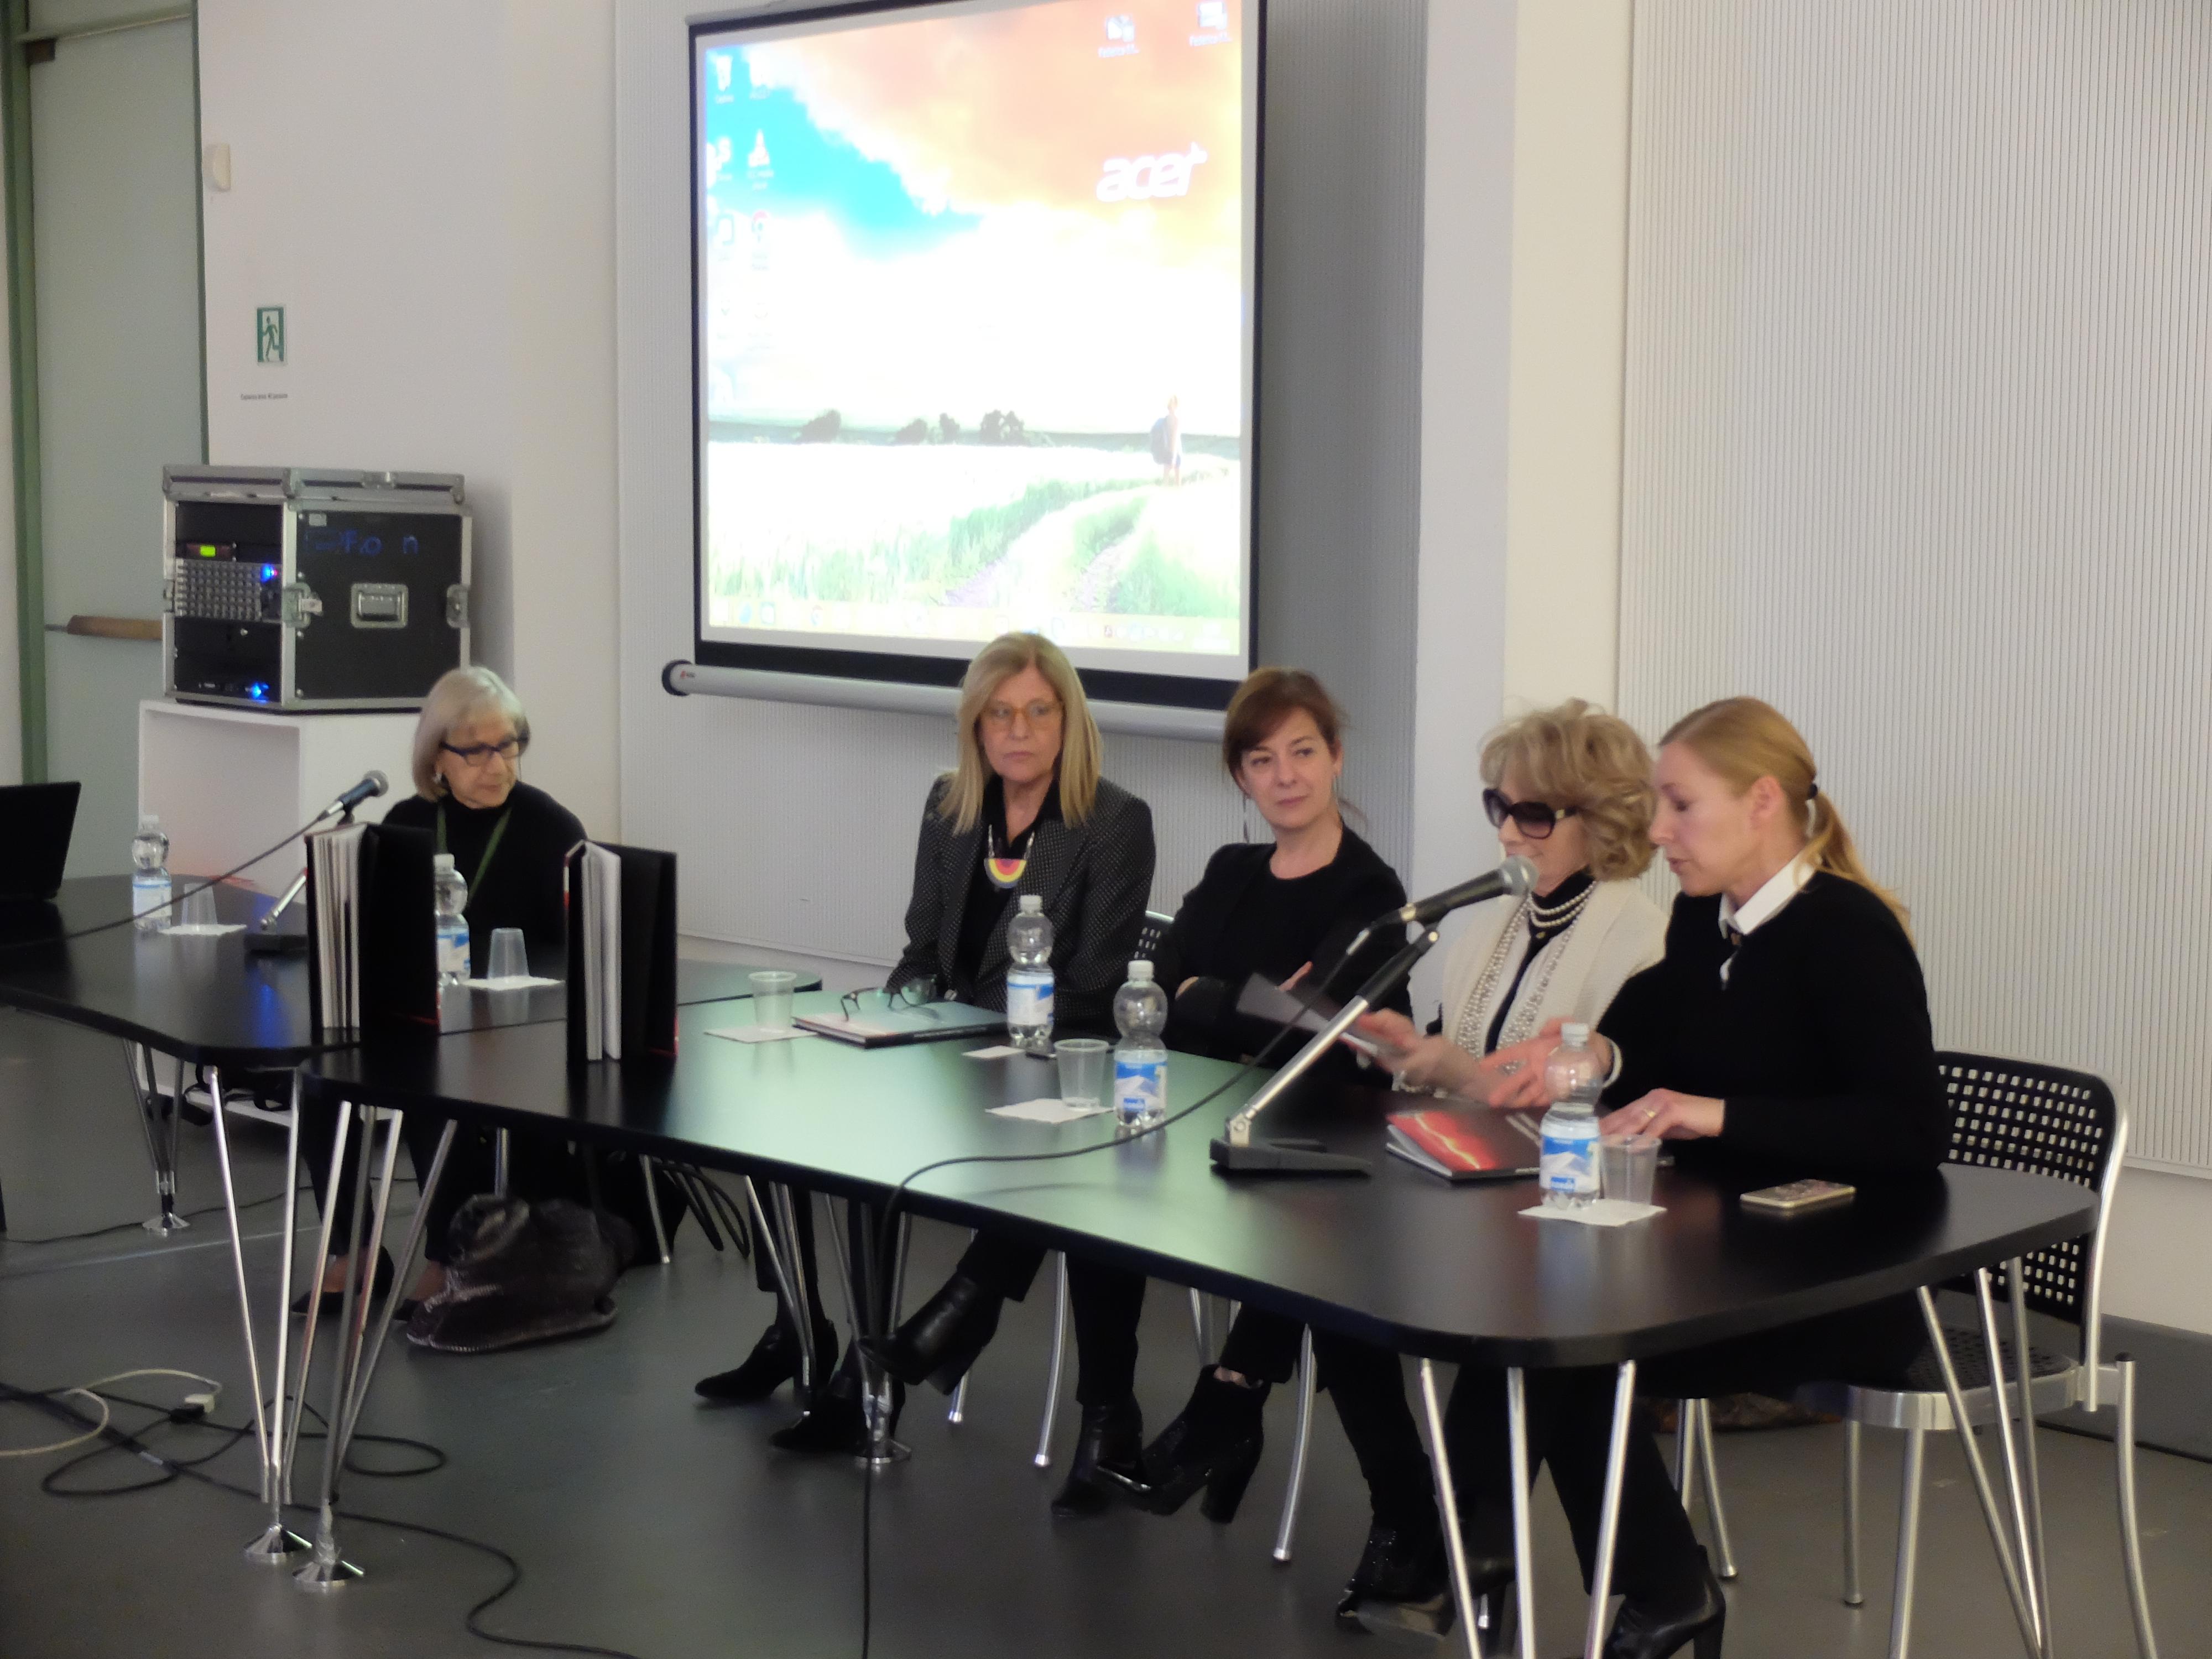 Alla triennale di milano presentazione del libro di for Design della moda politecnico milano opinioni